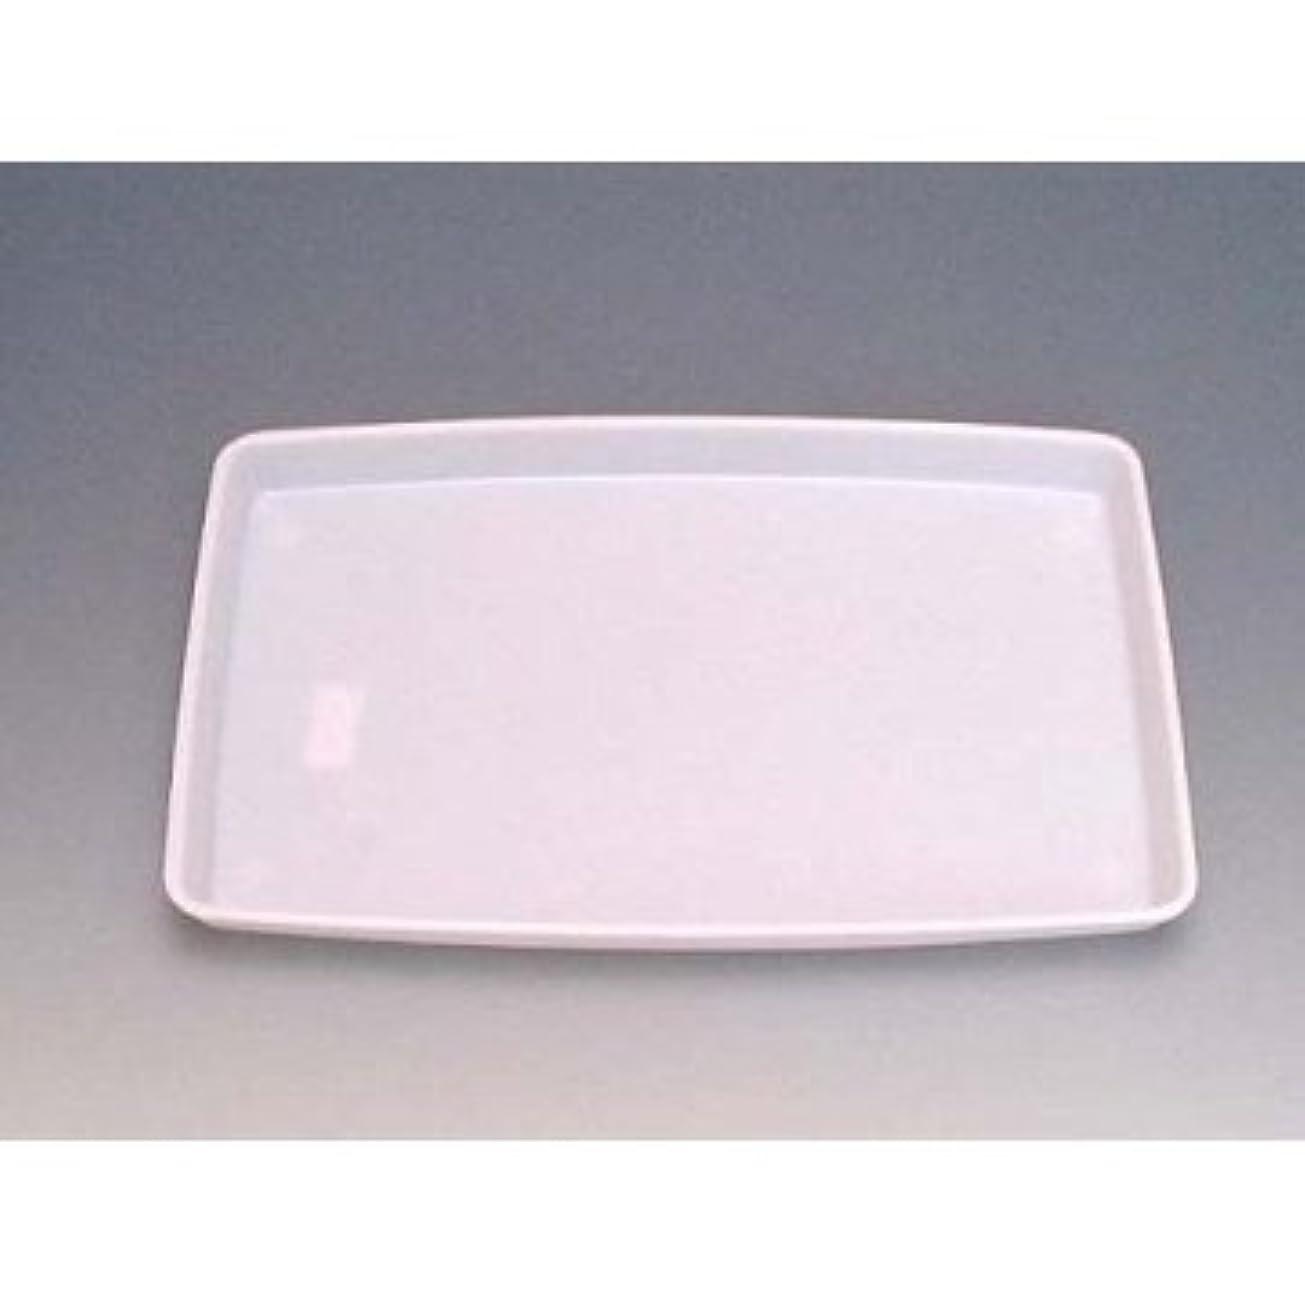 敬サイドボード影響する米正 エバーメイト われない台皿 カラーホワイト